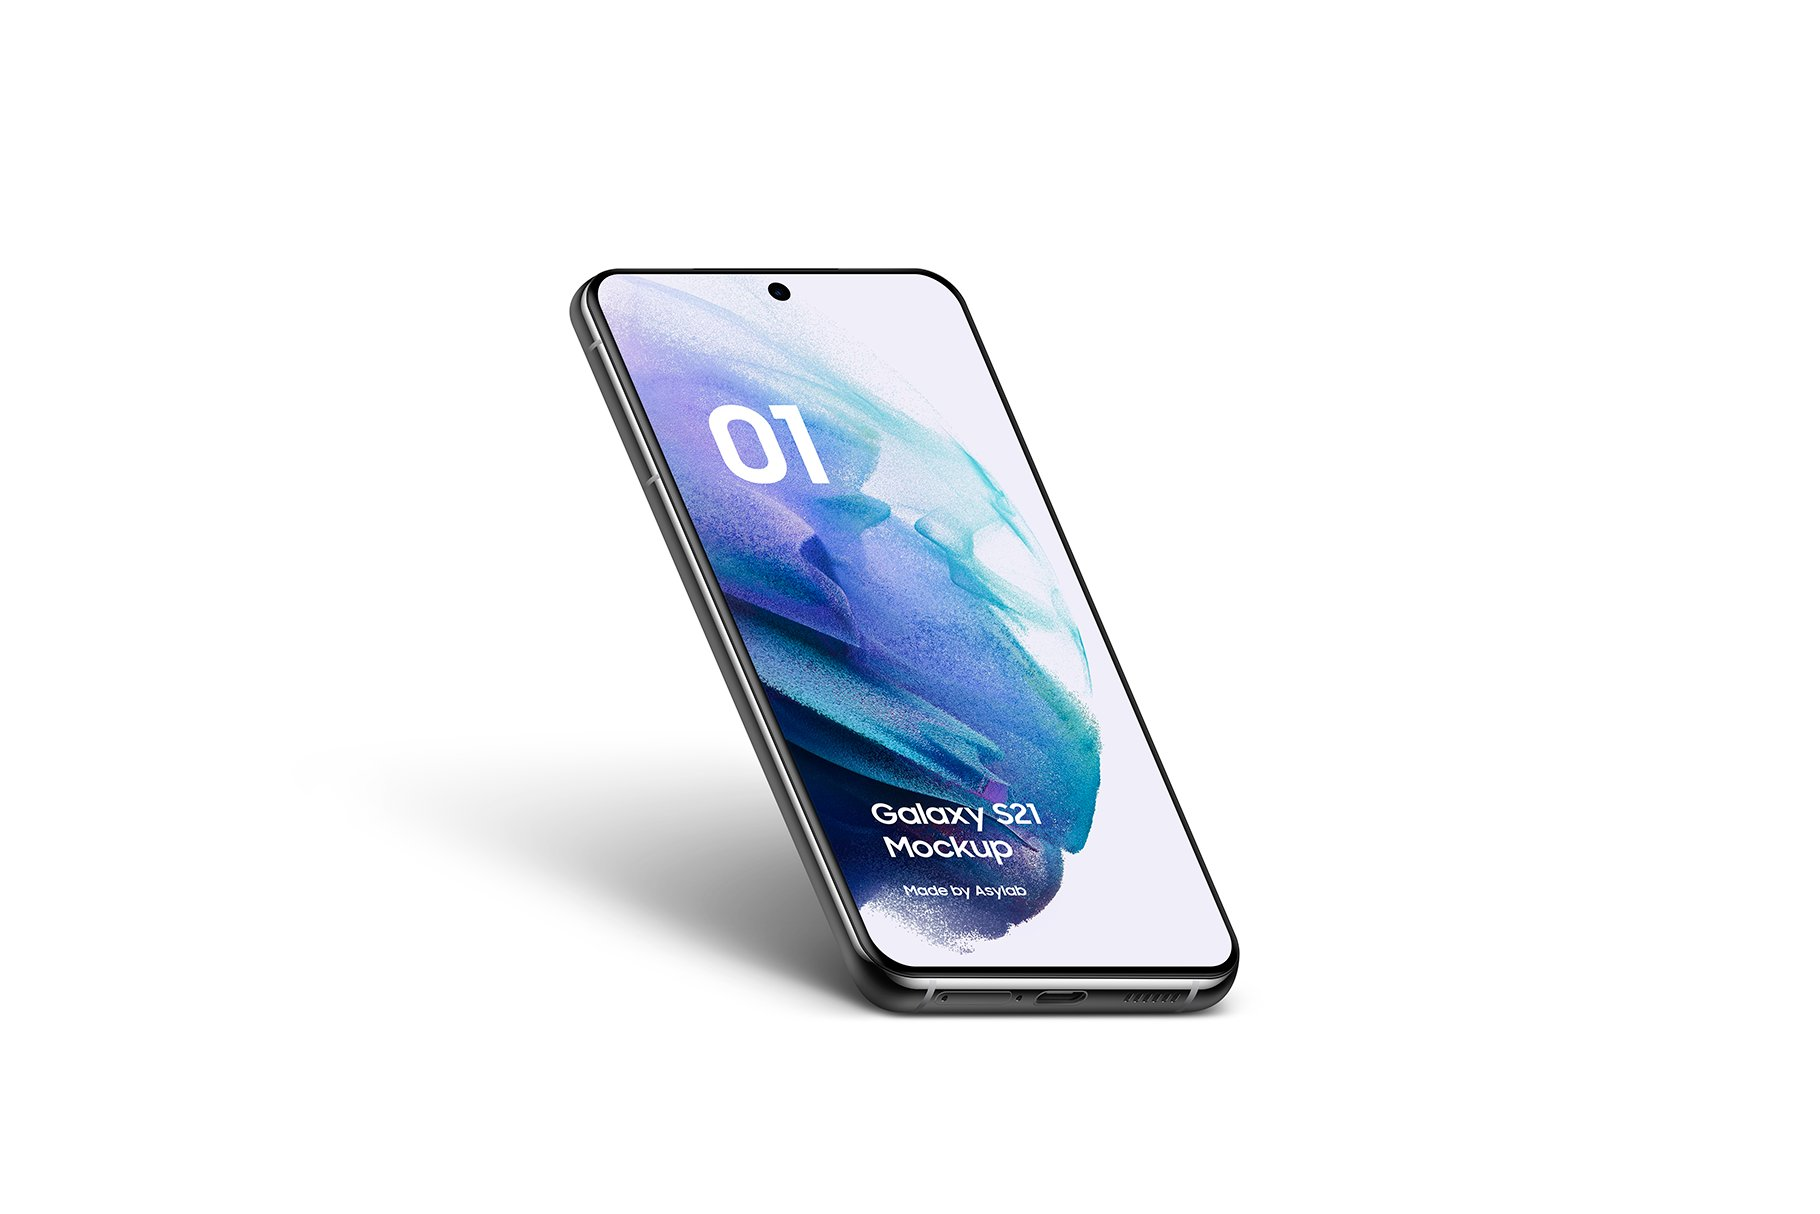 [单独购买] 20款三星Galaxy S21手机网站APP界面设计演示样机模板套件 Galaxy S21 – 20 Mockups Scenes插图13